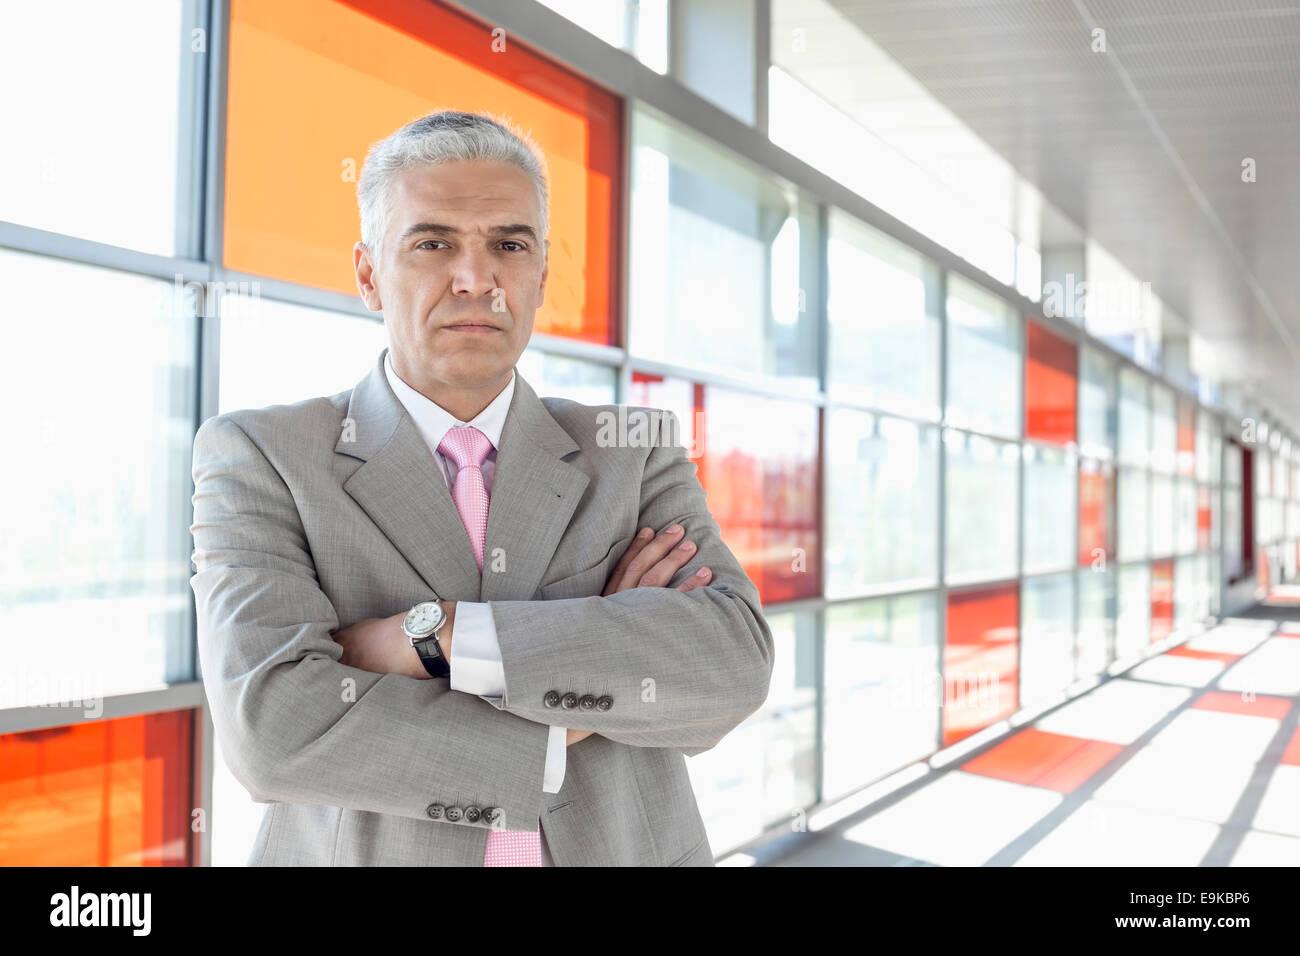 Retrato de confianza empresario de mediana edad en la estación de ferrocarril Foto de stock